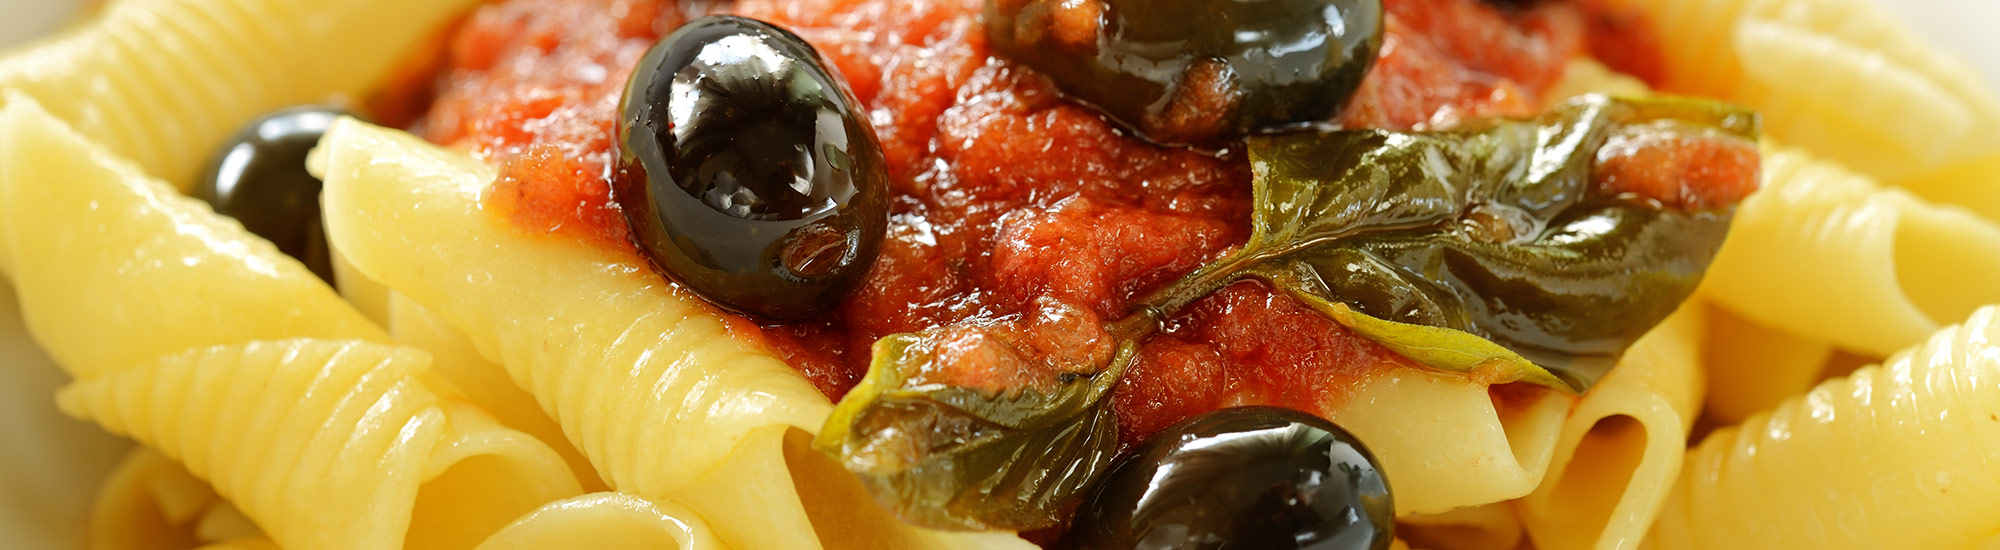 ricetta Garganelli alla puttanesca con pasta fresca